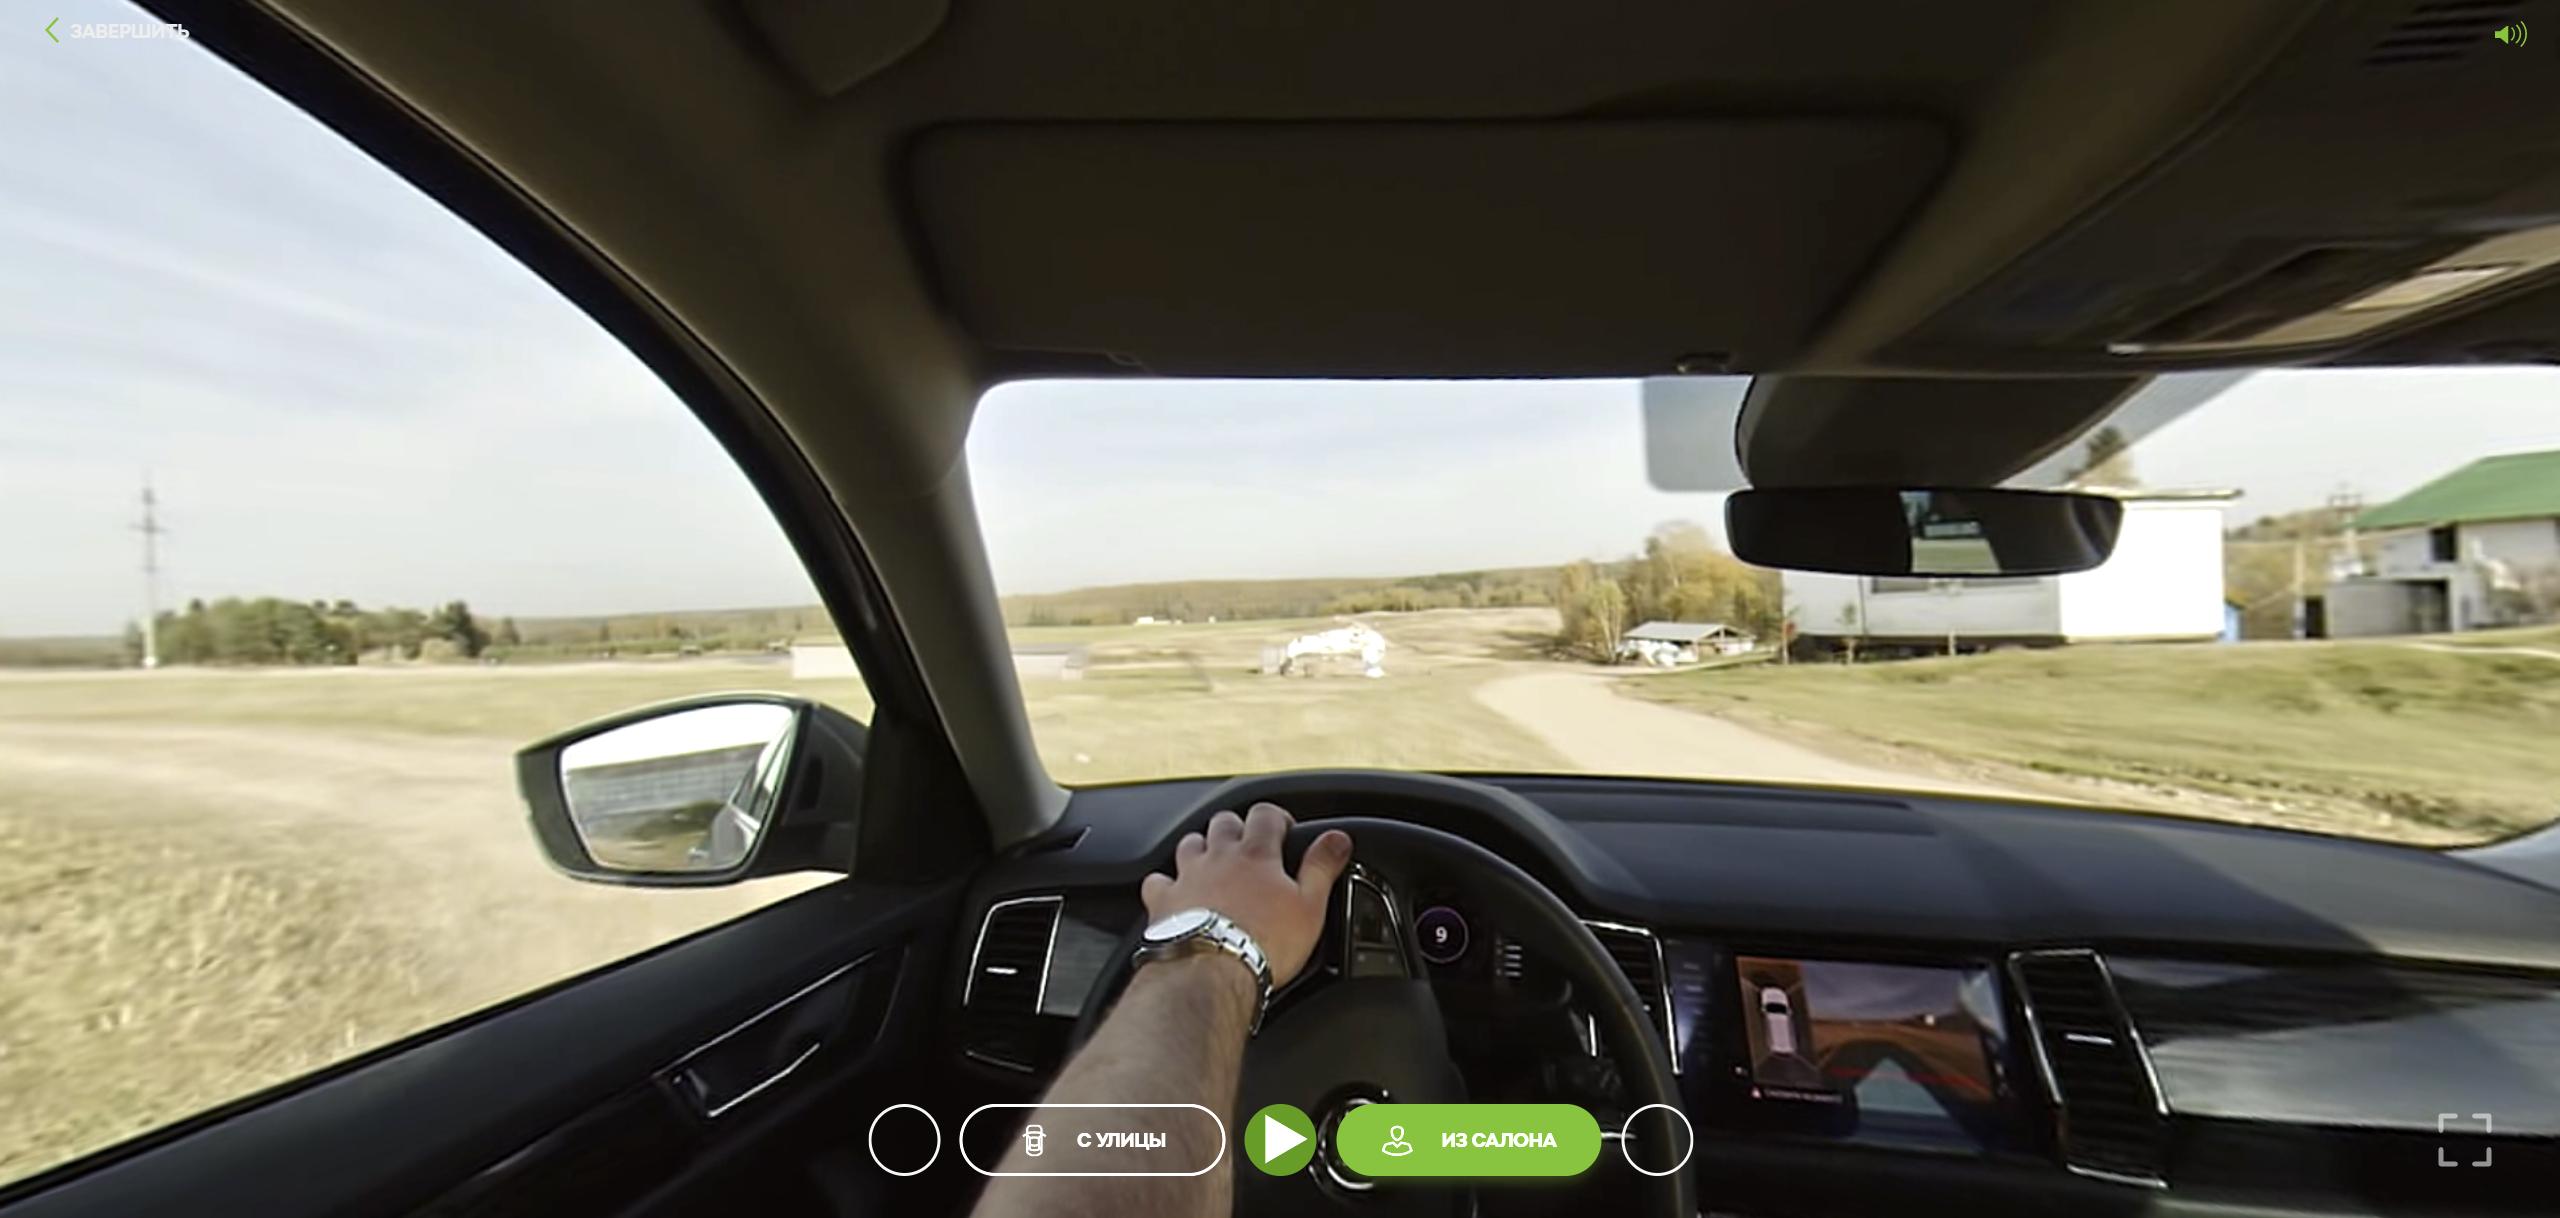 Виртуальный внедорожный тест-драйв кроссоверов Škoda